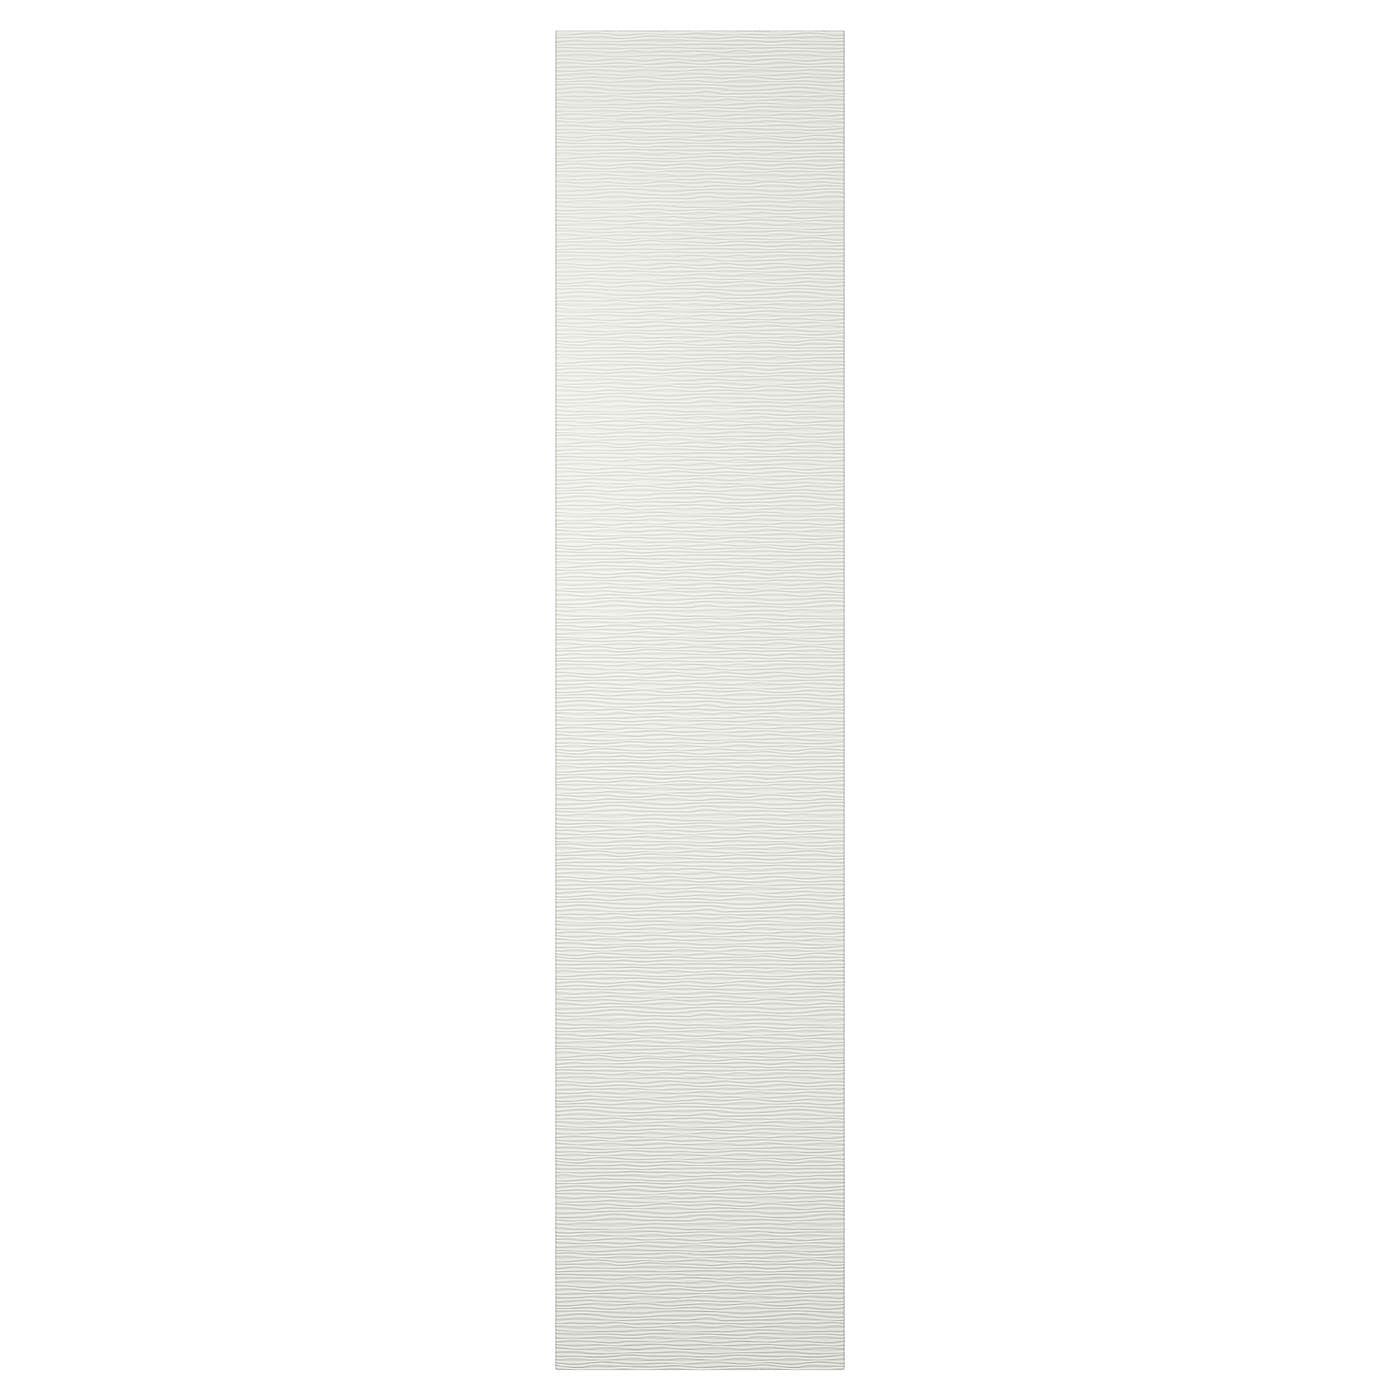 Vinterbro Door With Hinges White 19 5 8x90 1 8 In 2020 Pax